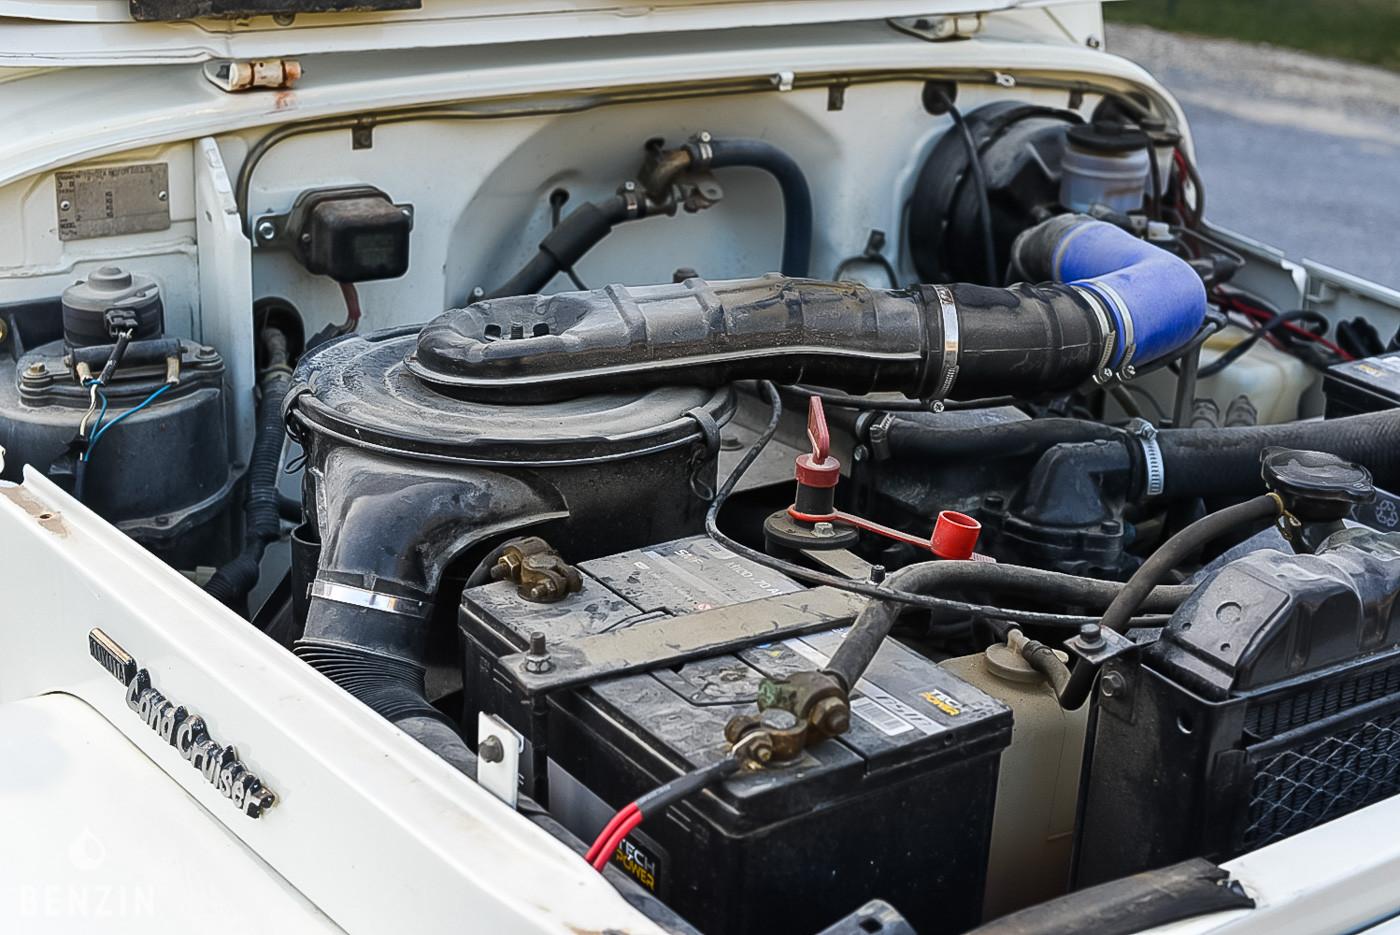 Toyota land cruiser BJ42 occasion à vendre se vende for sale te koop zu verkaufen